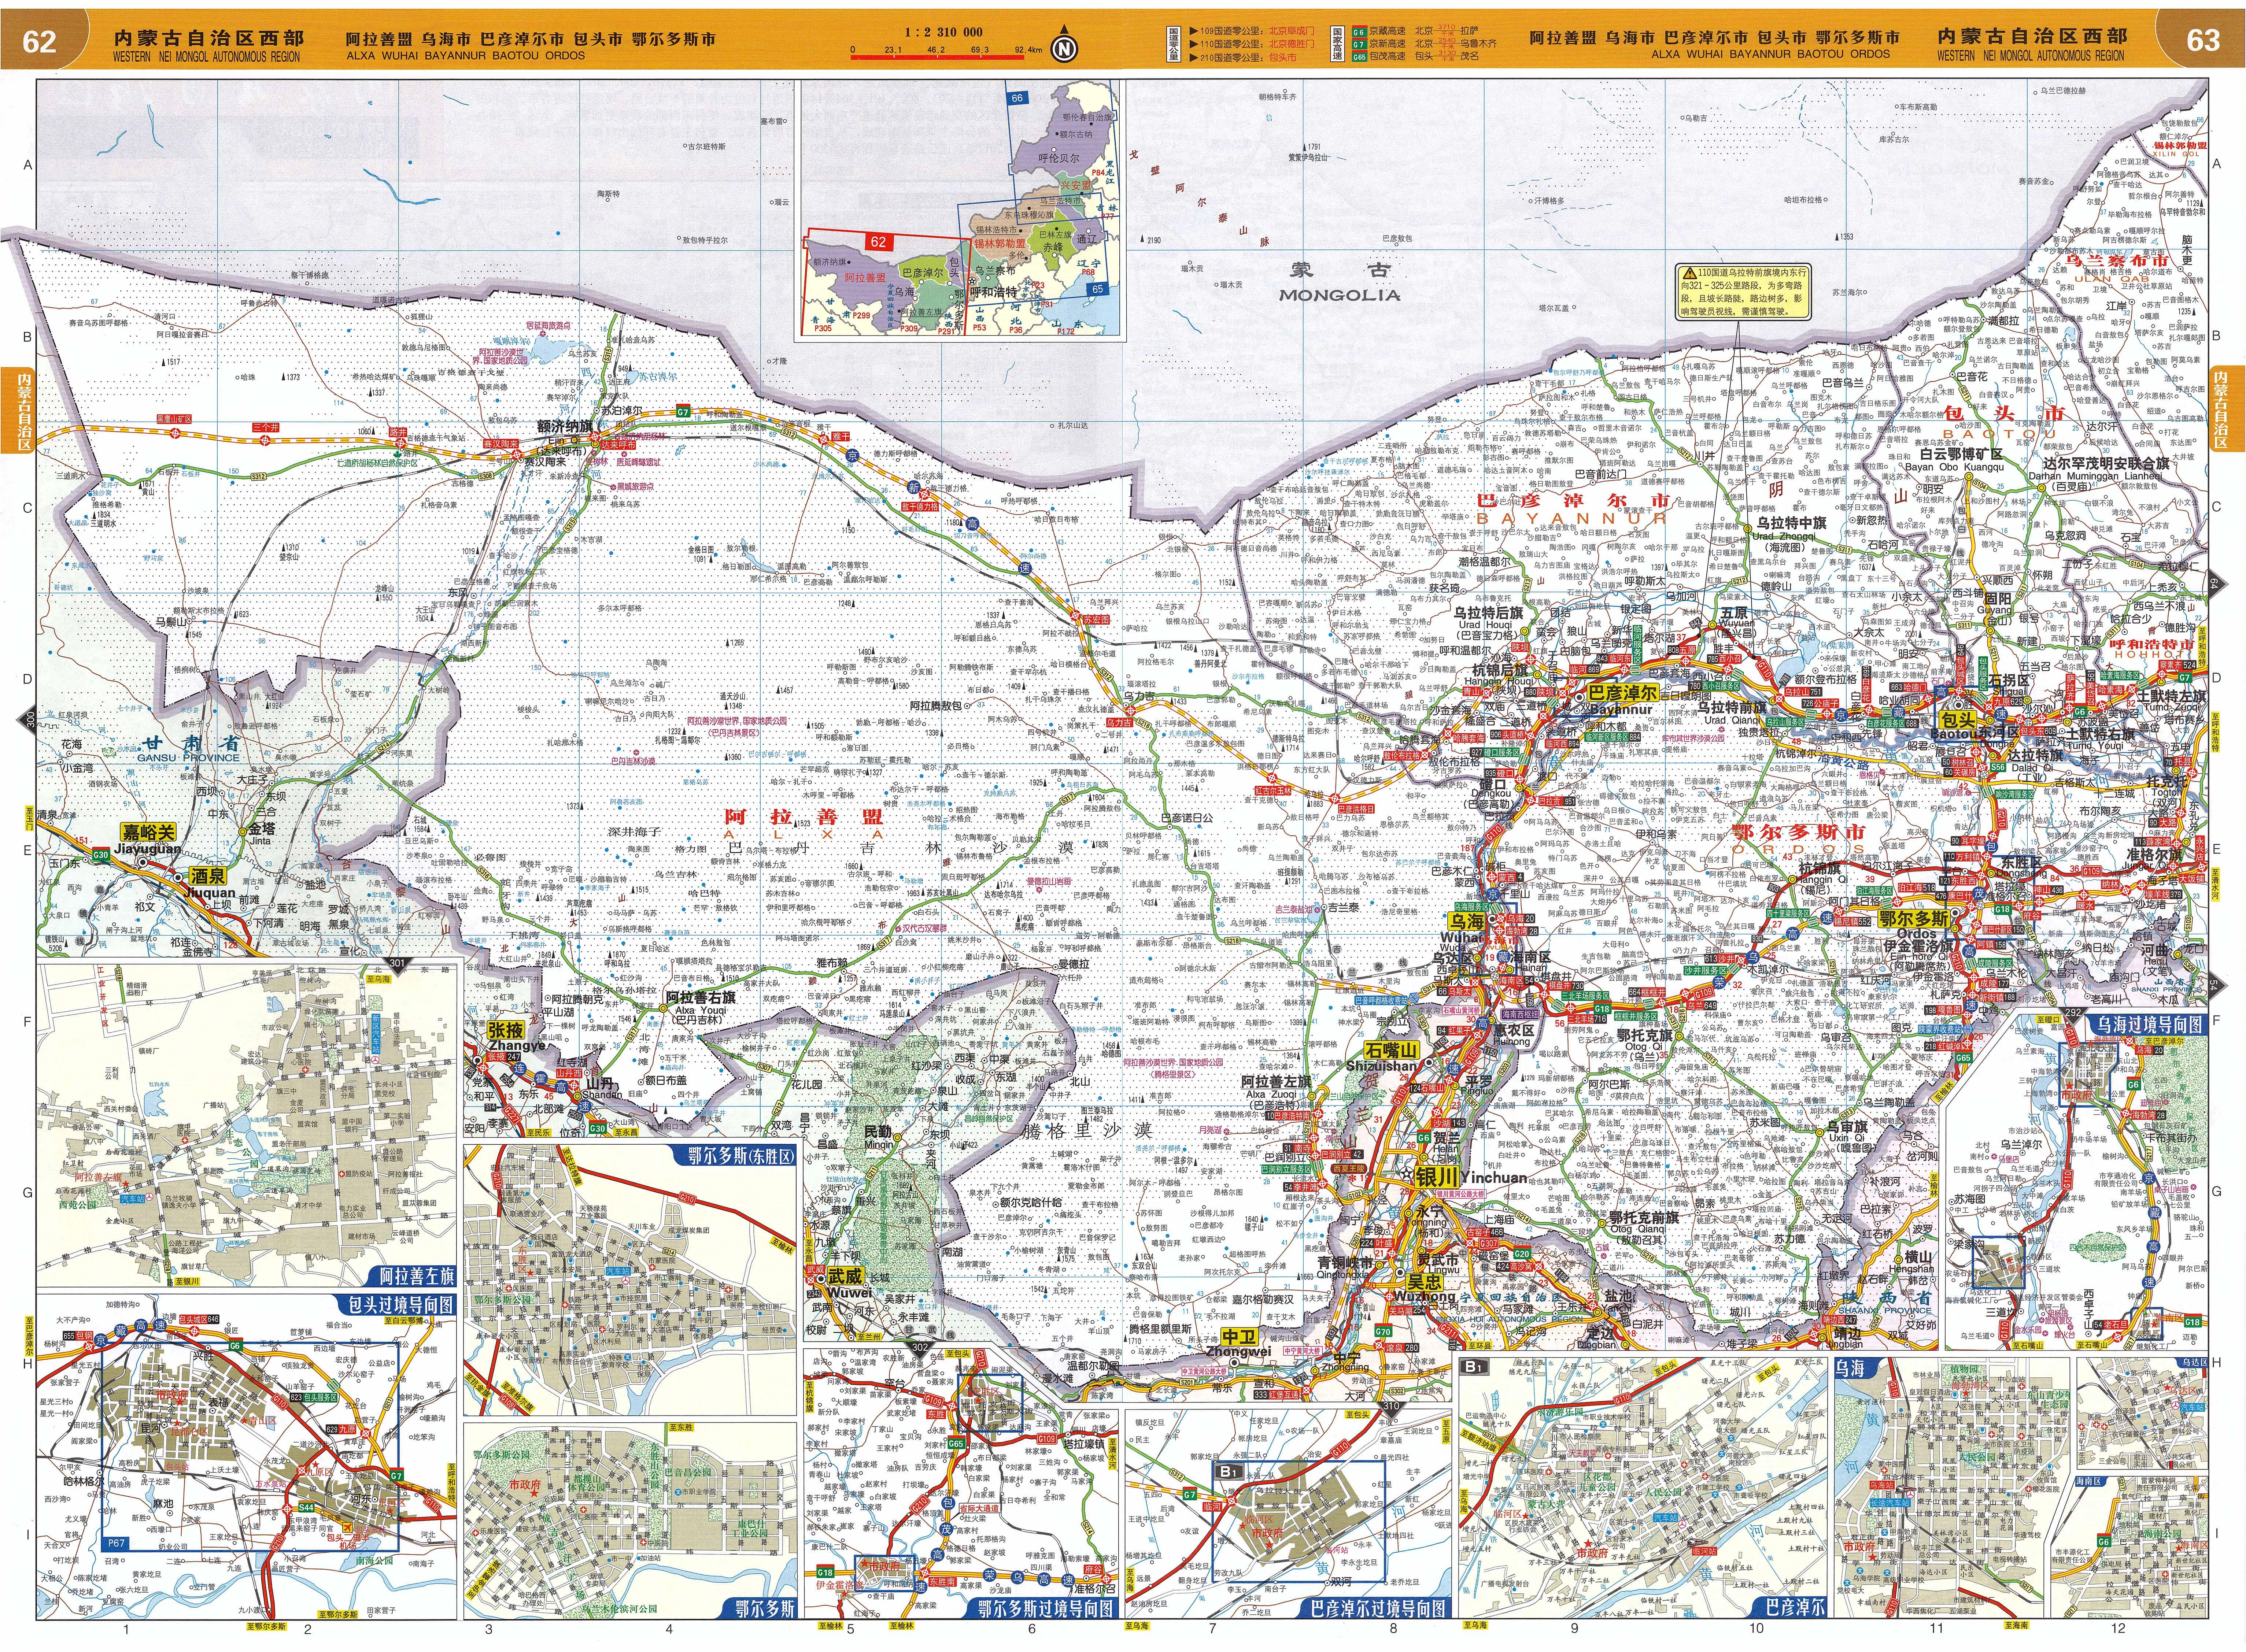 内蒙古西部交通地图全图高清版